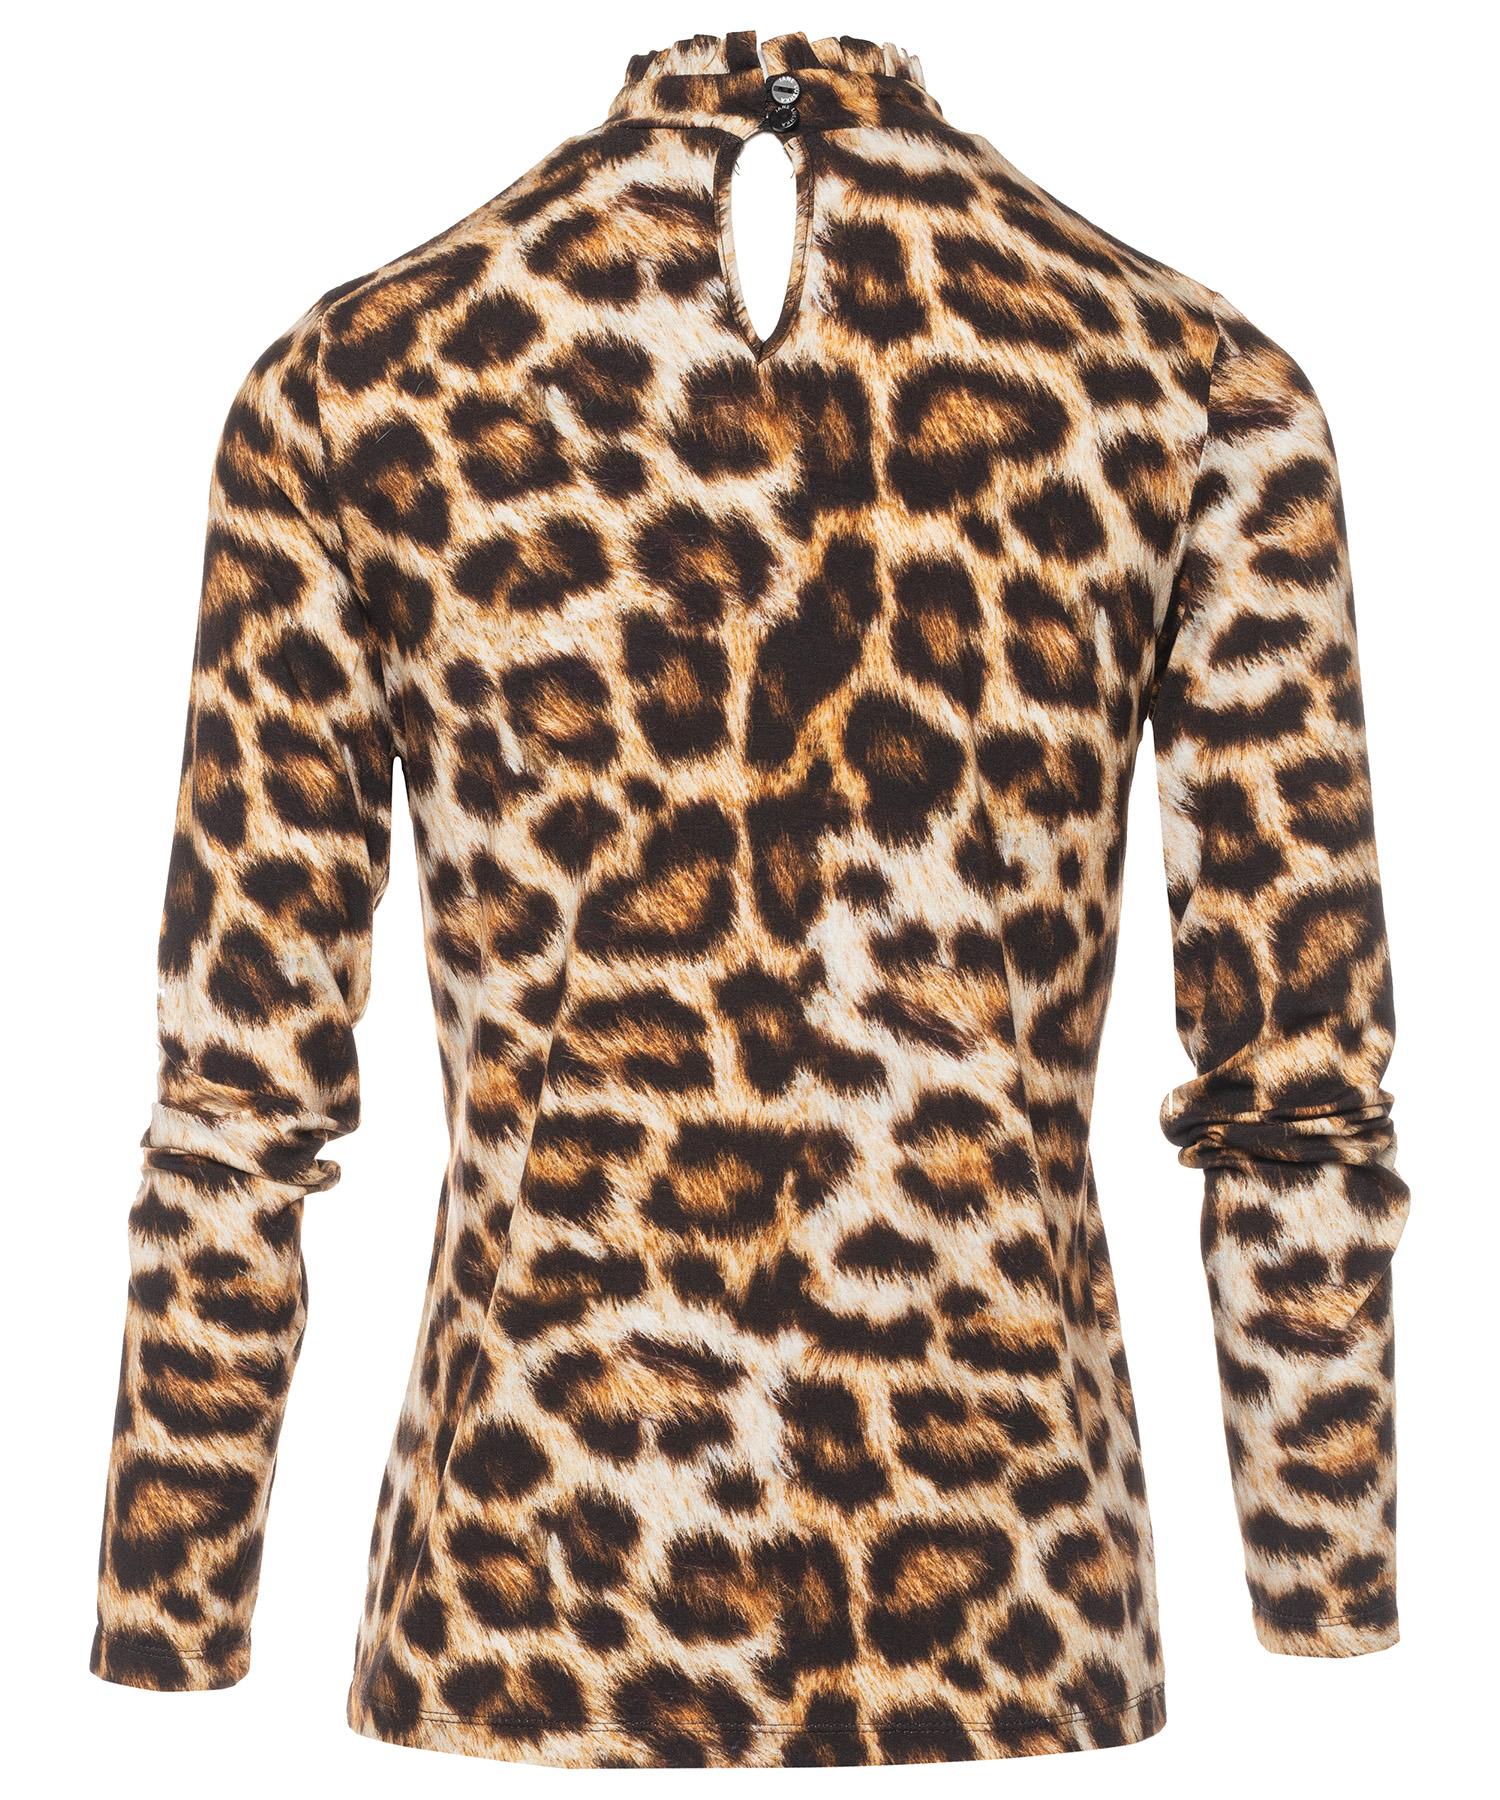 Jane Lushka dierprint shirt